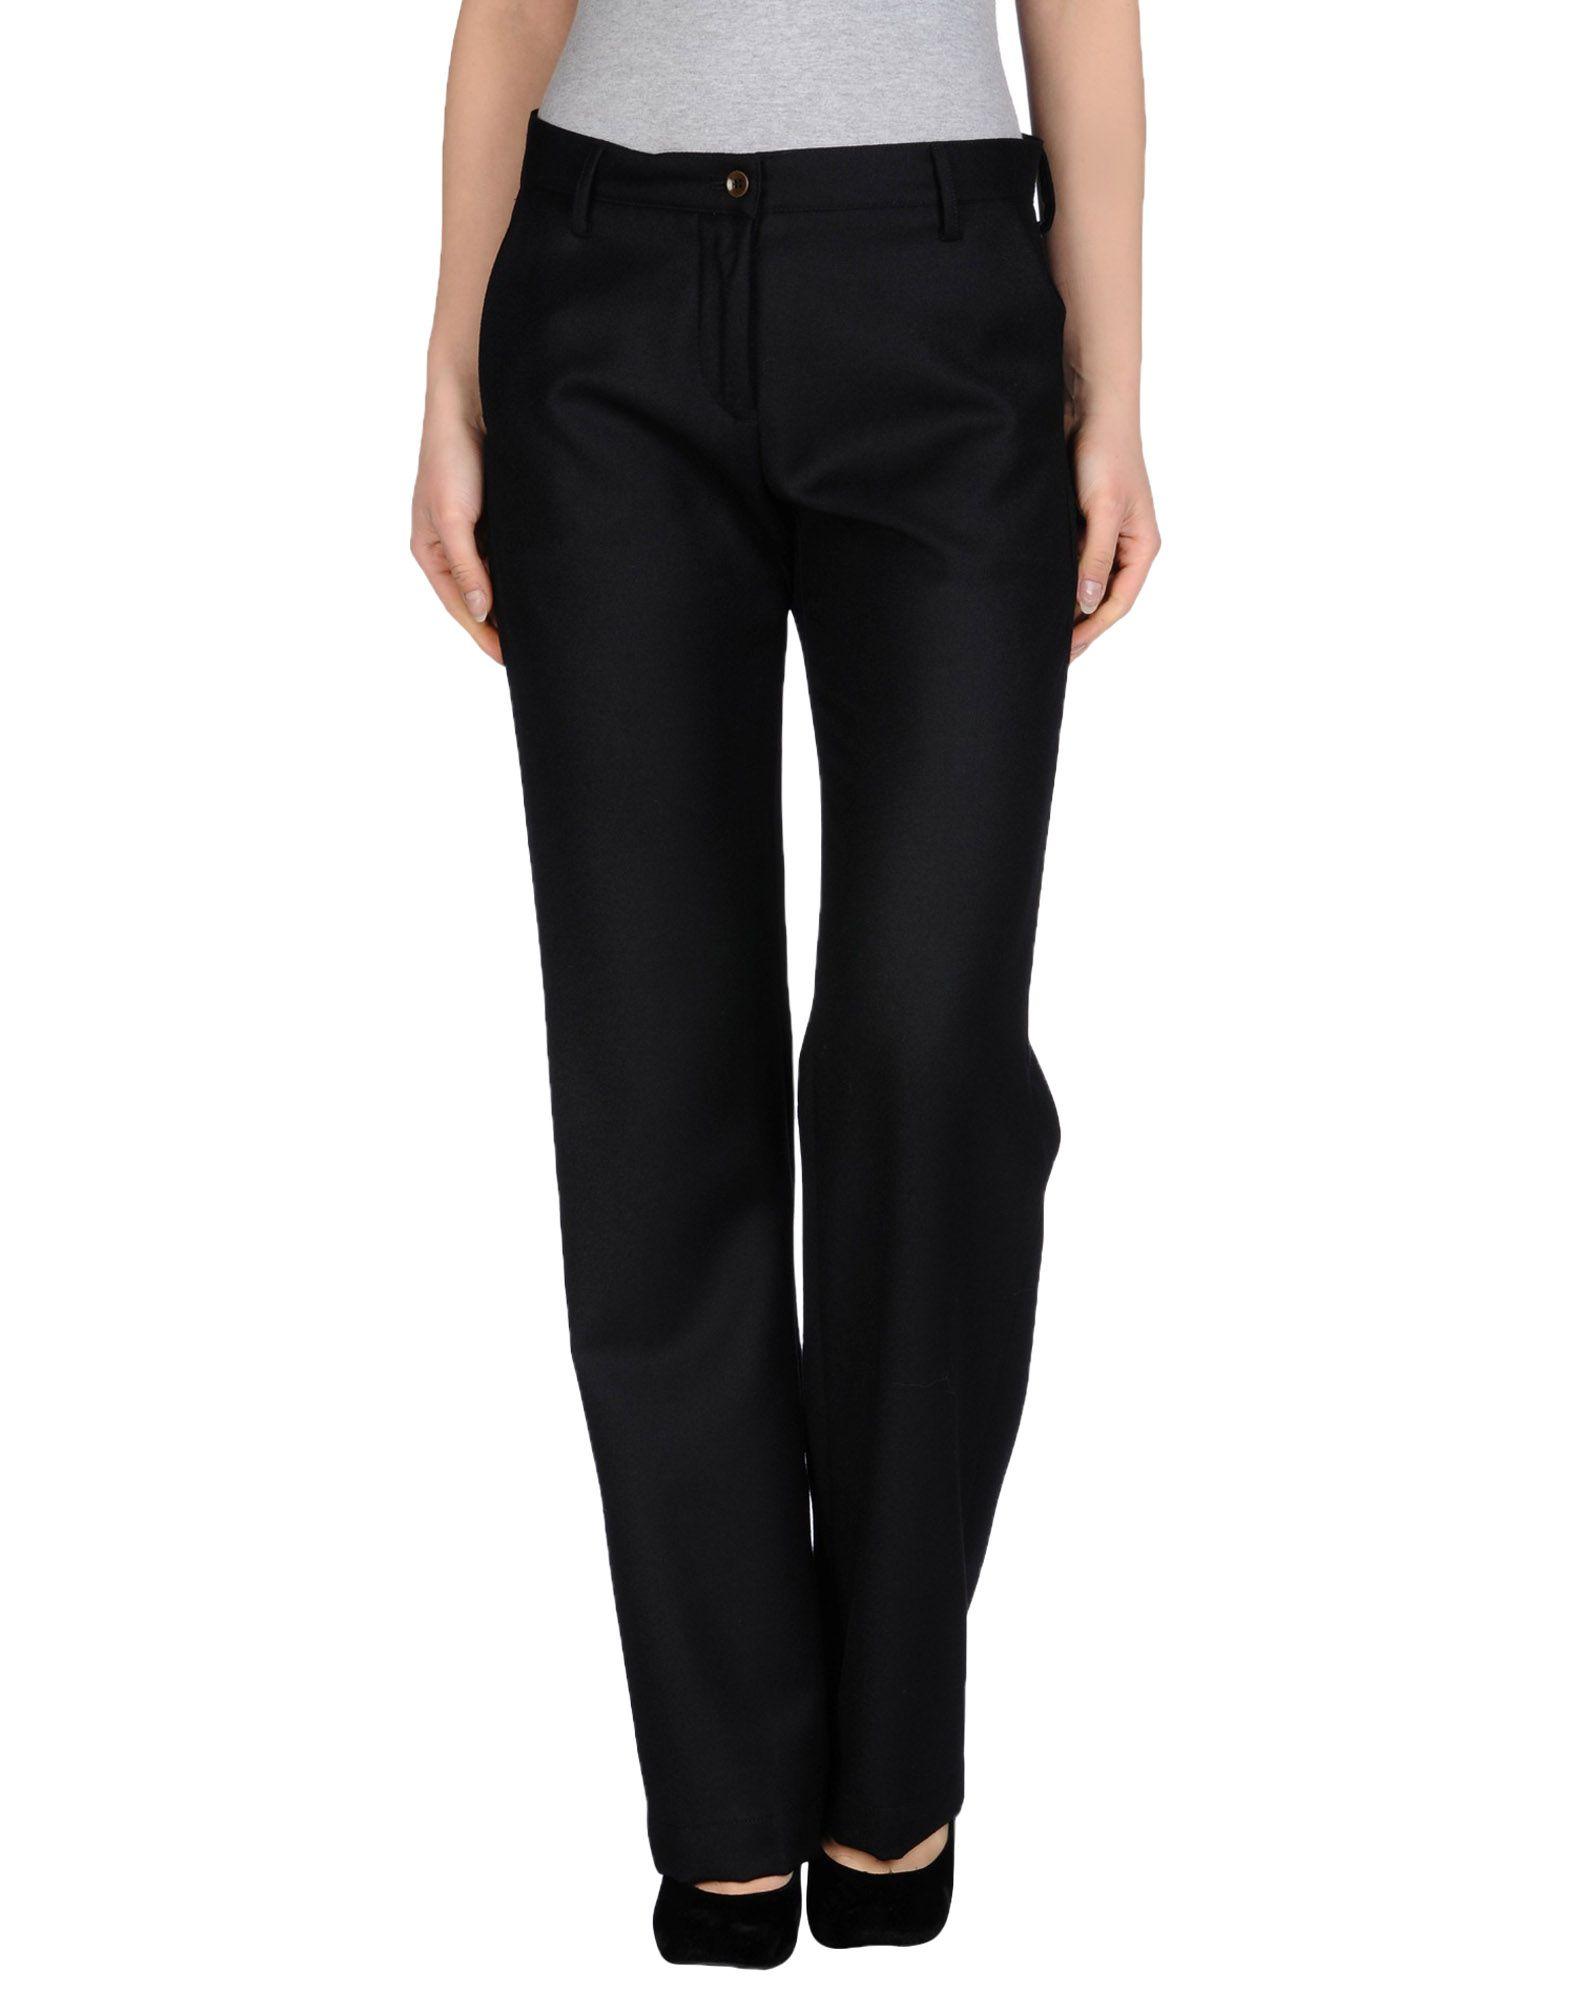 ALAIN Damen Hose Farbe Schwarz Größe 3